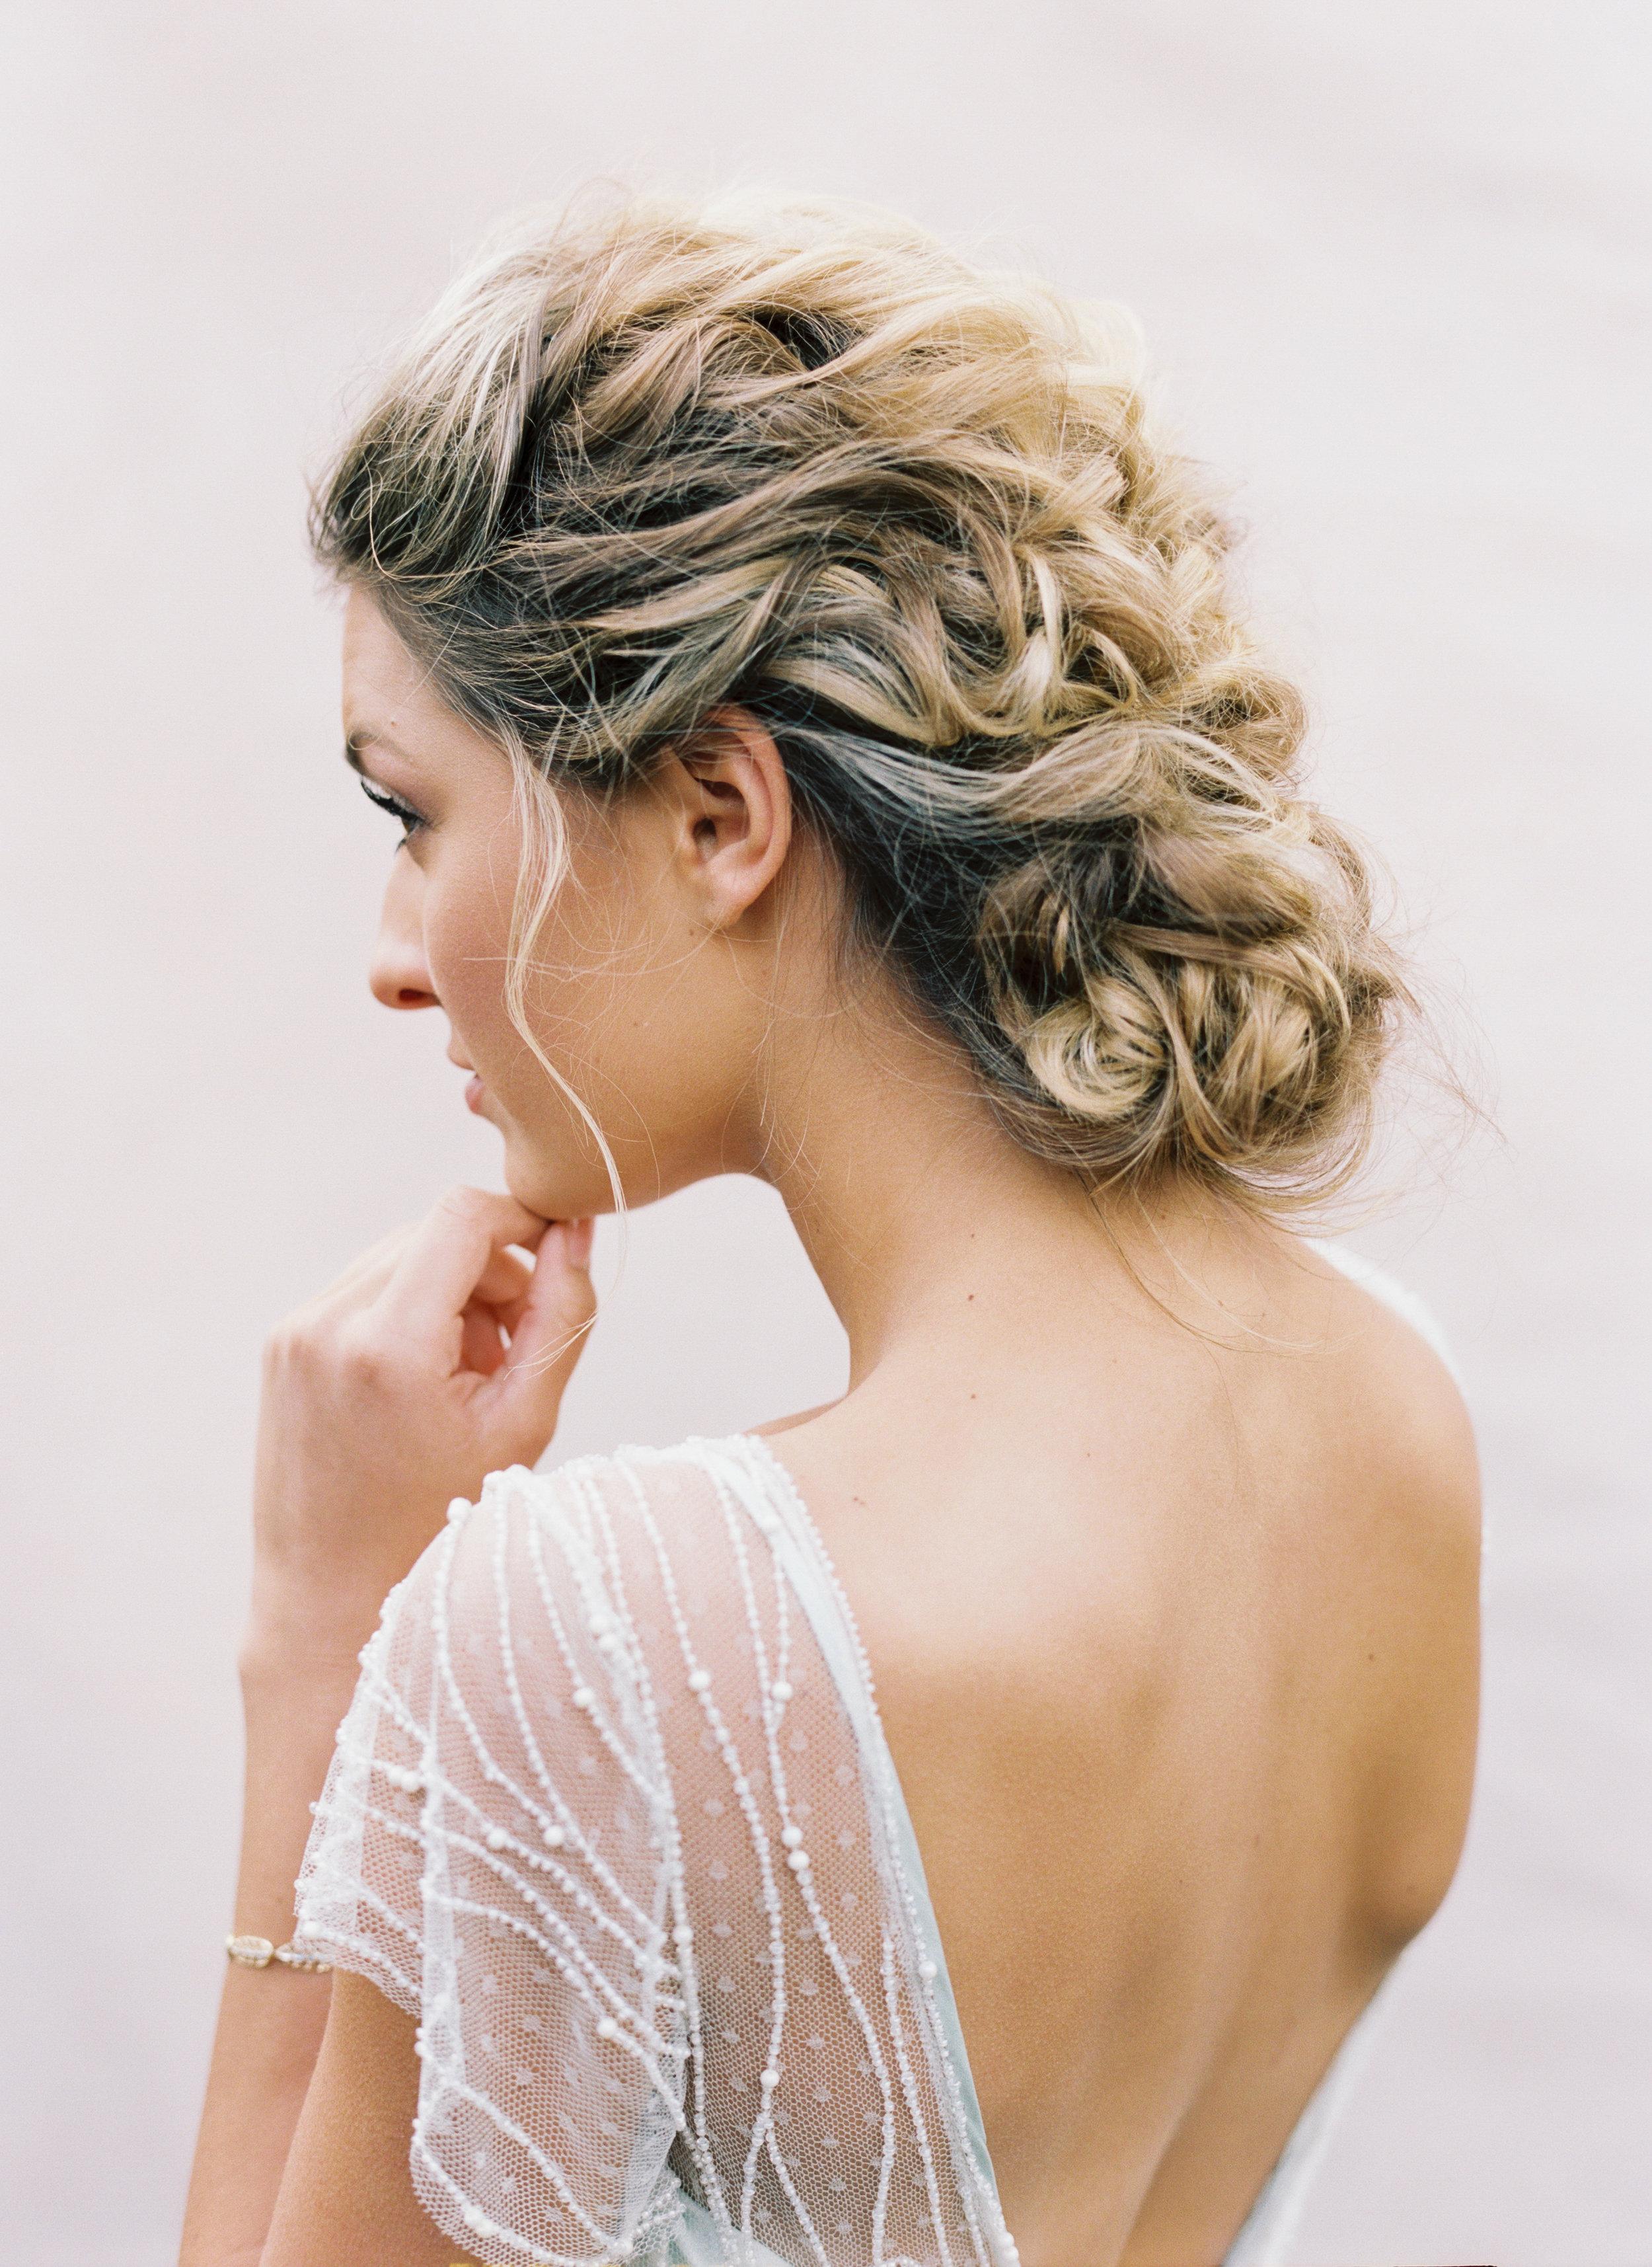 Spring wedding floral design inspired by Morocco. Nashville Wedding Florist.